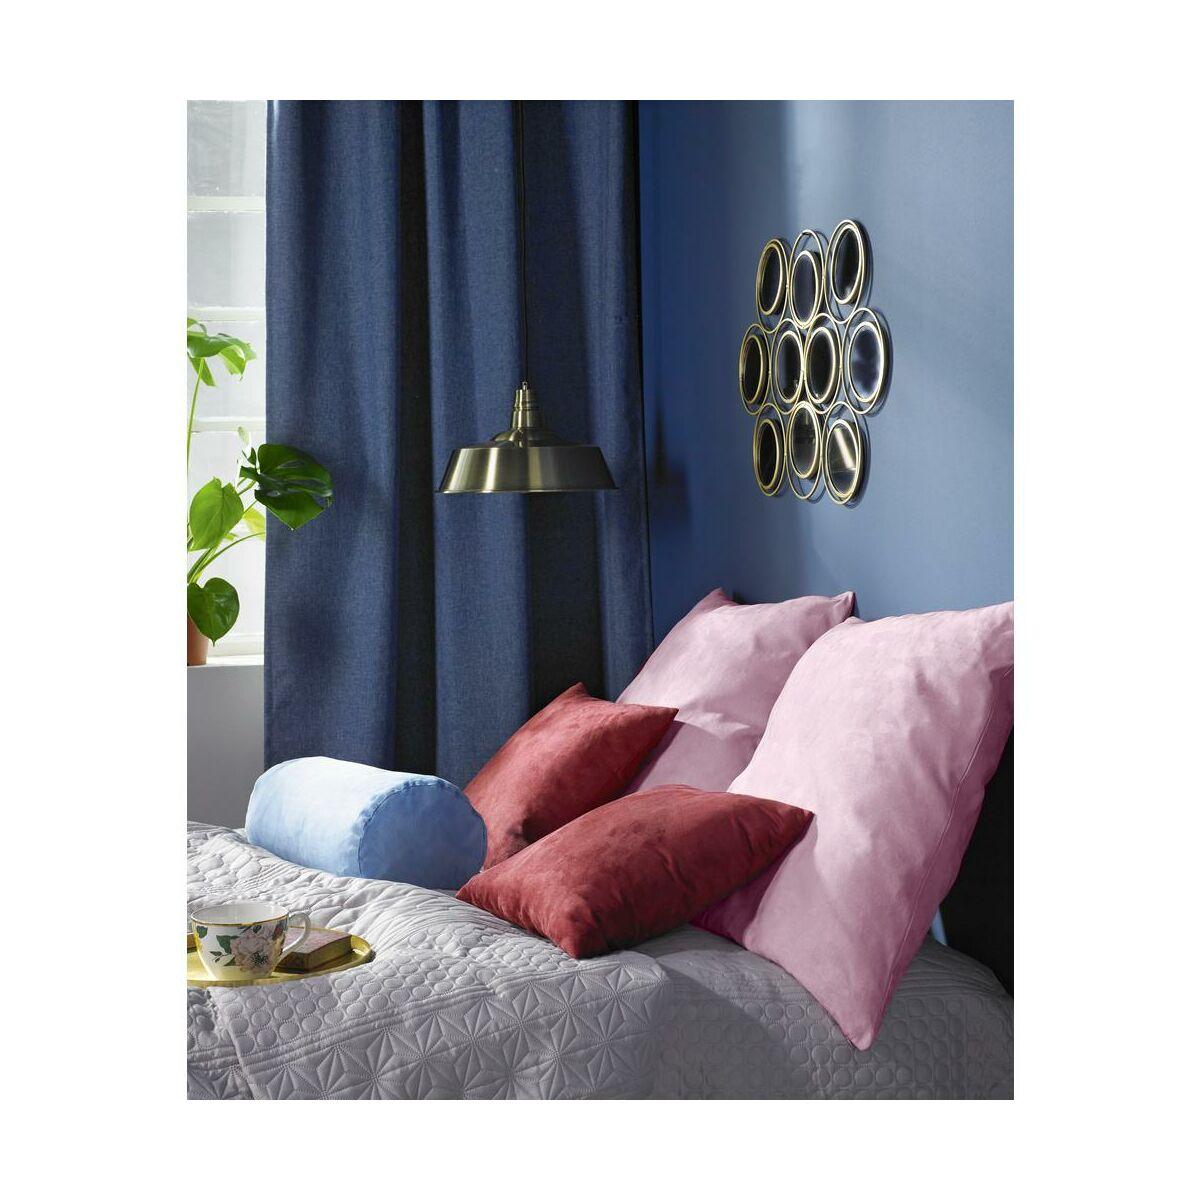 Tkanina Zaciemniajaca Na Mb Oxford Niebieska Szer 145 Cm Tkaniny Na Metry W Atrakcyjnej Cenie W Sklepach Leroy Merlin